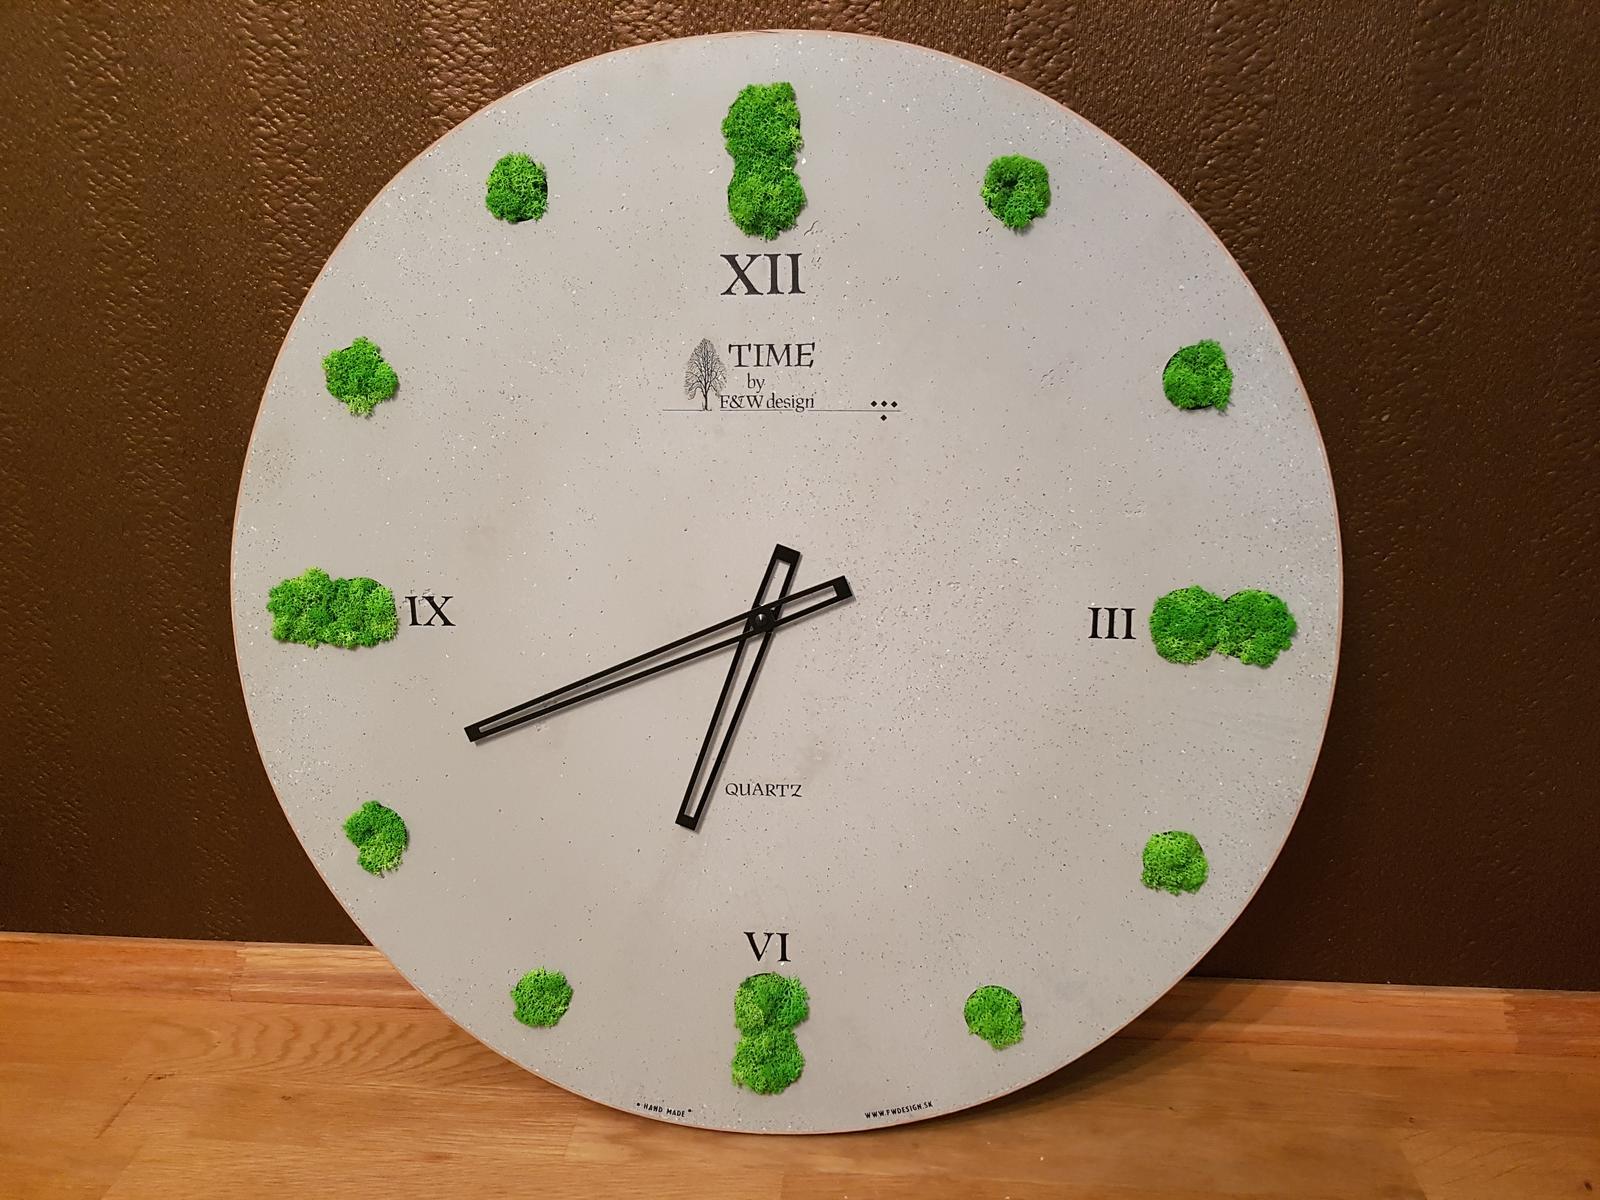 Kreatívne hodiny - Hodiny z pohľadového betónu s machovou výplňou. Priemer 60cm. A idú!